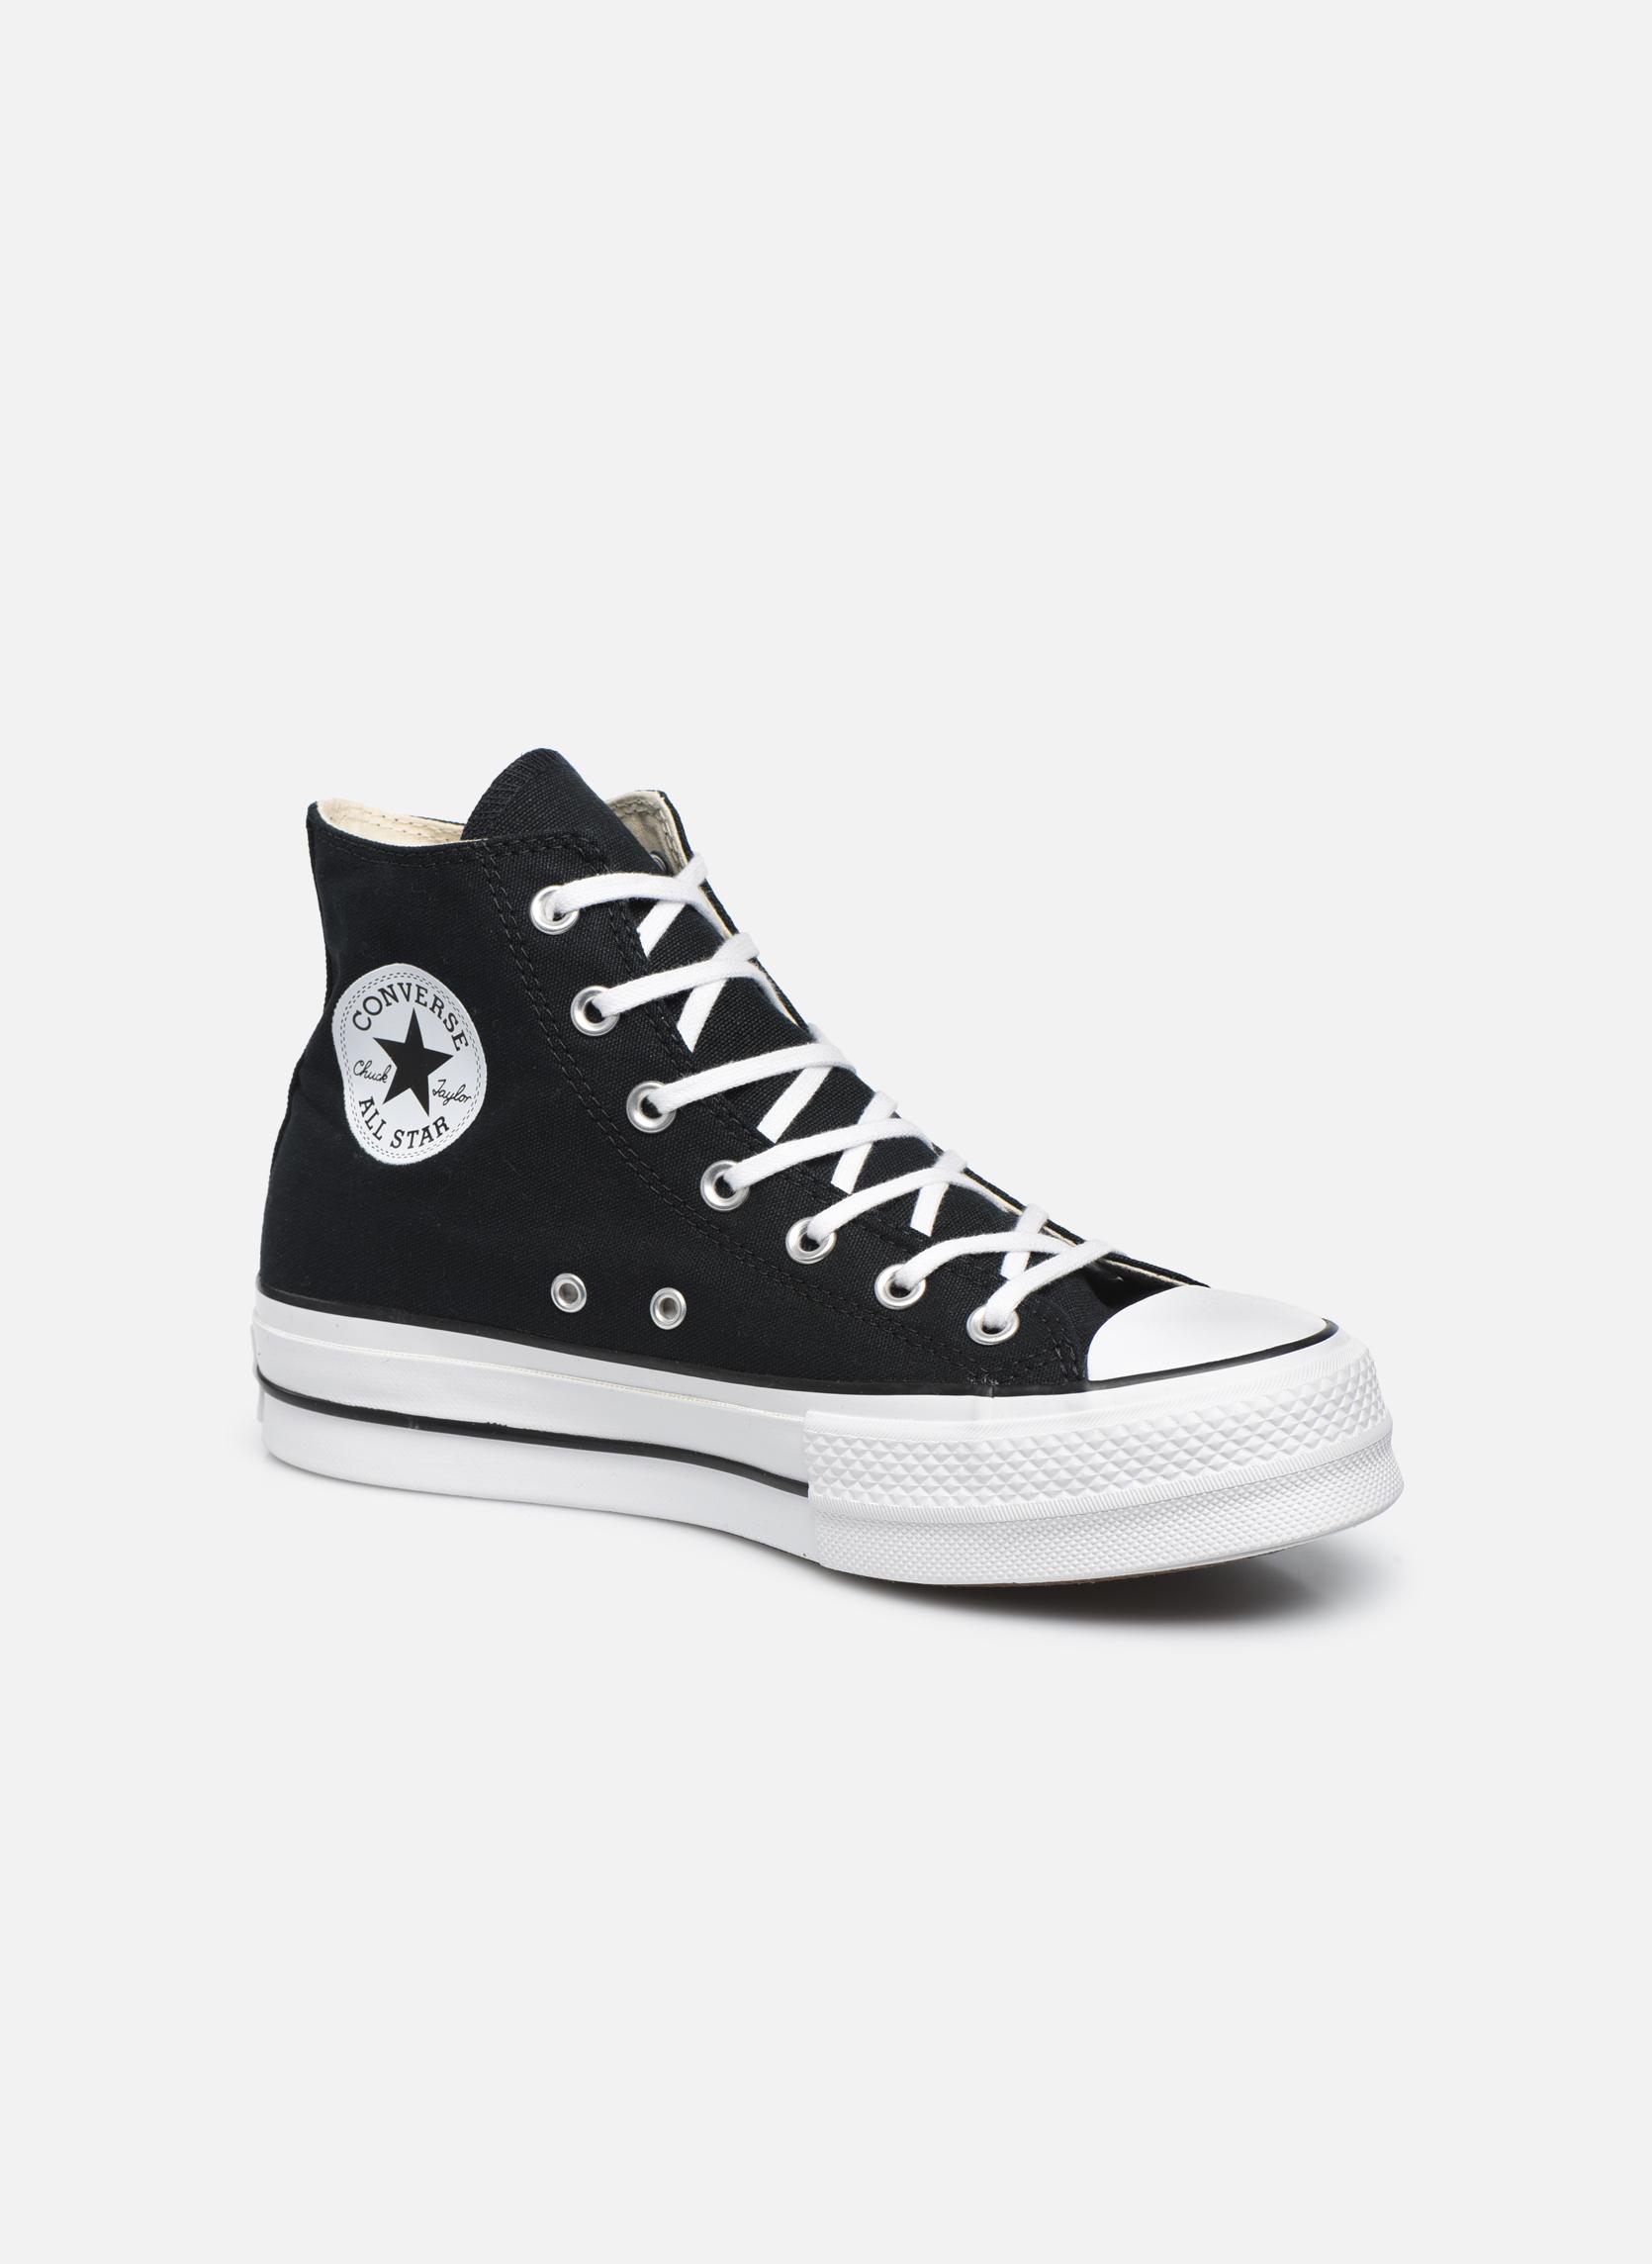 Grandes descuentos últimos zapatos Converse Chuck Taylor Lift Hi (Negro) - Deportivas Descuento